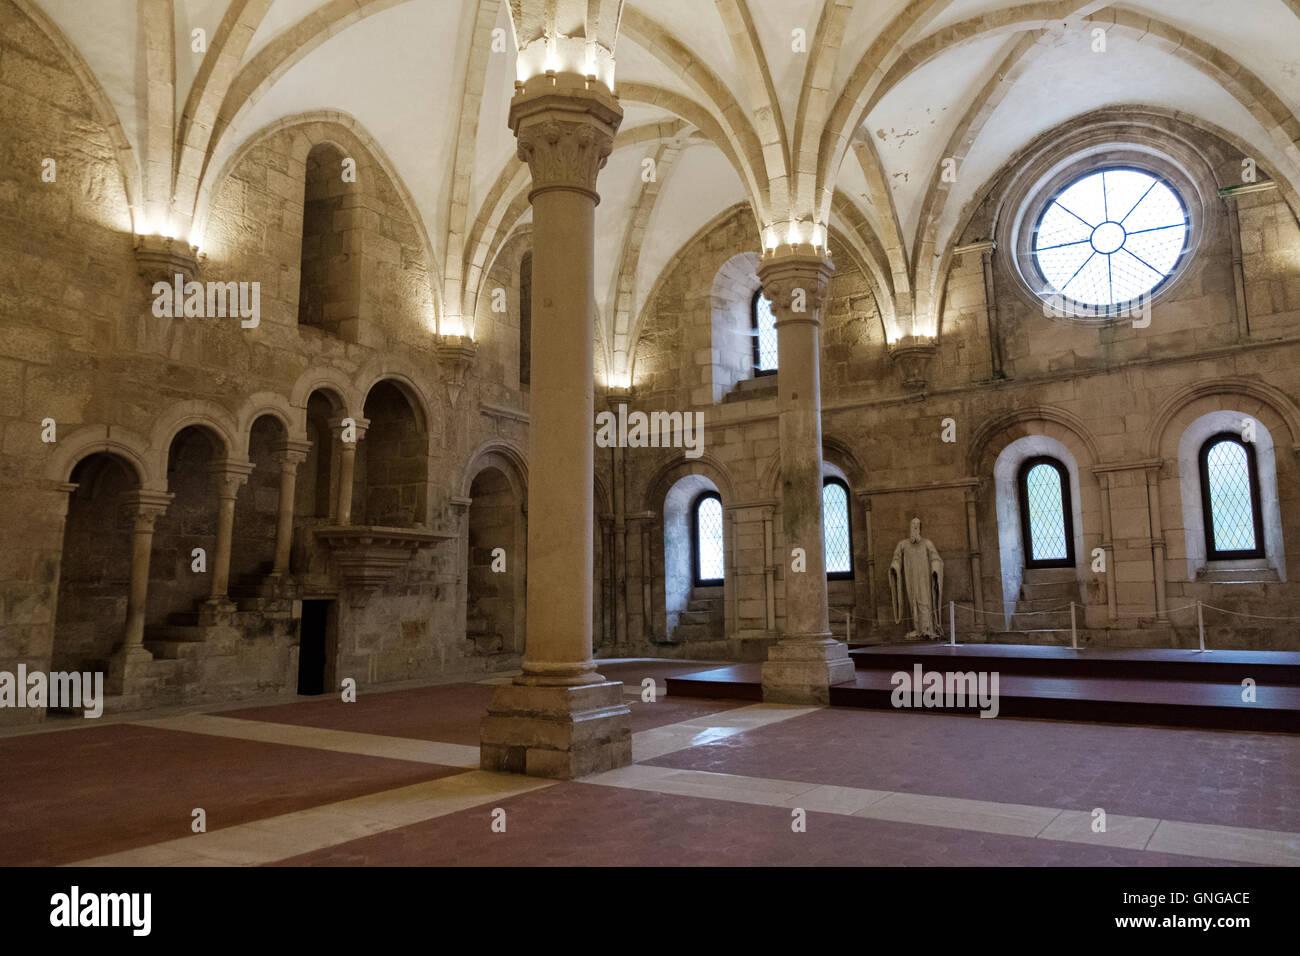 El refectorio del monasterio de Alcobaça, Portugal, en el que los monjes tenían sus comidas cada día. Imagen De Stock